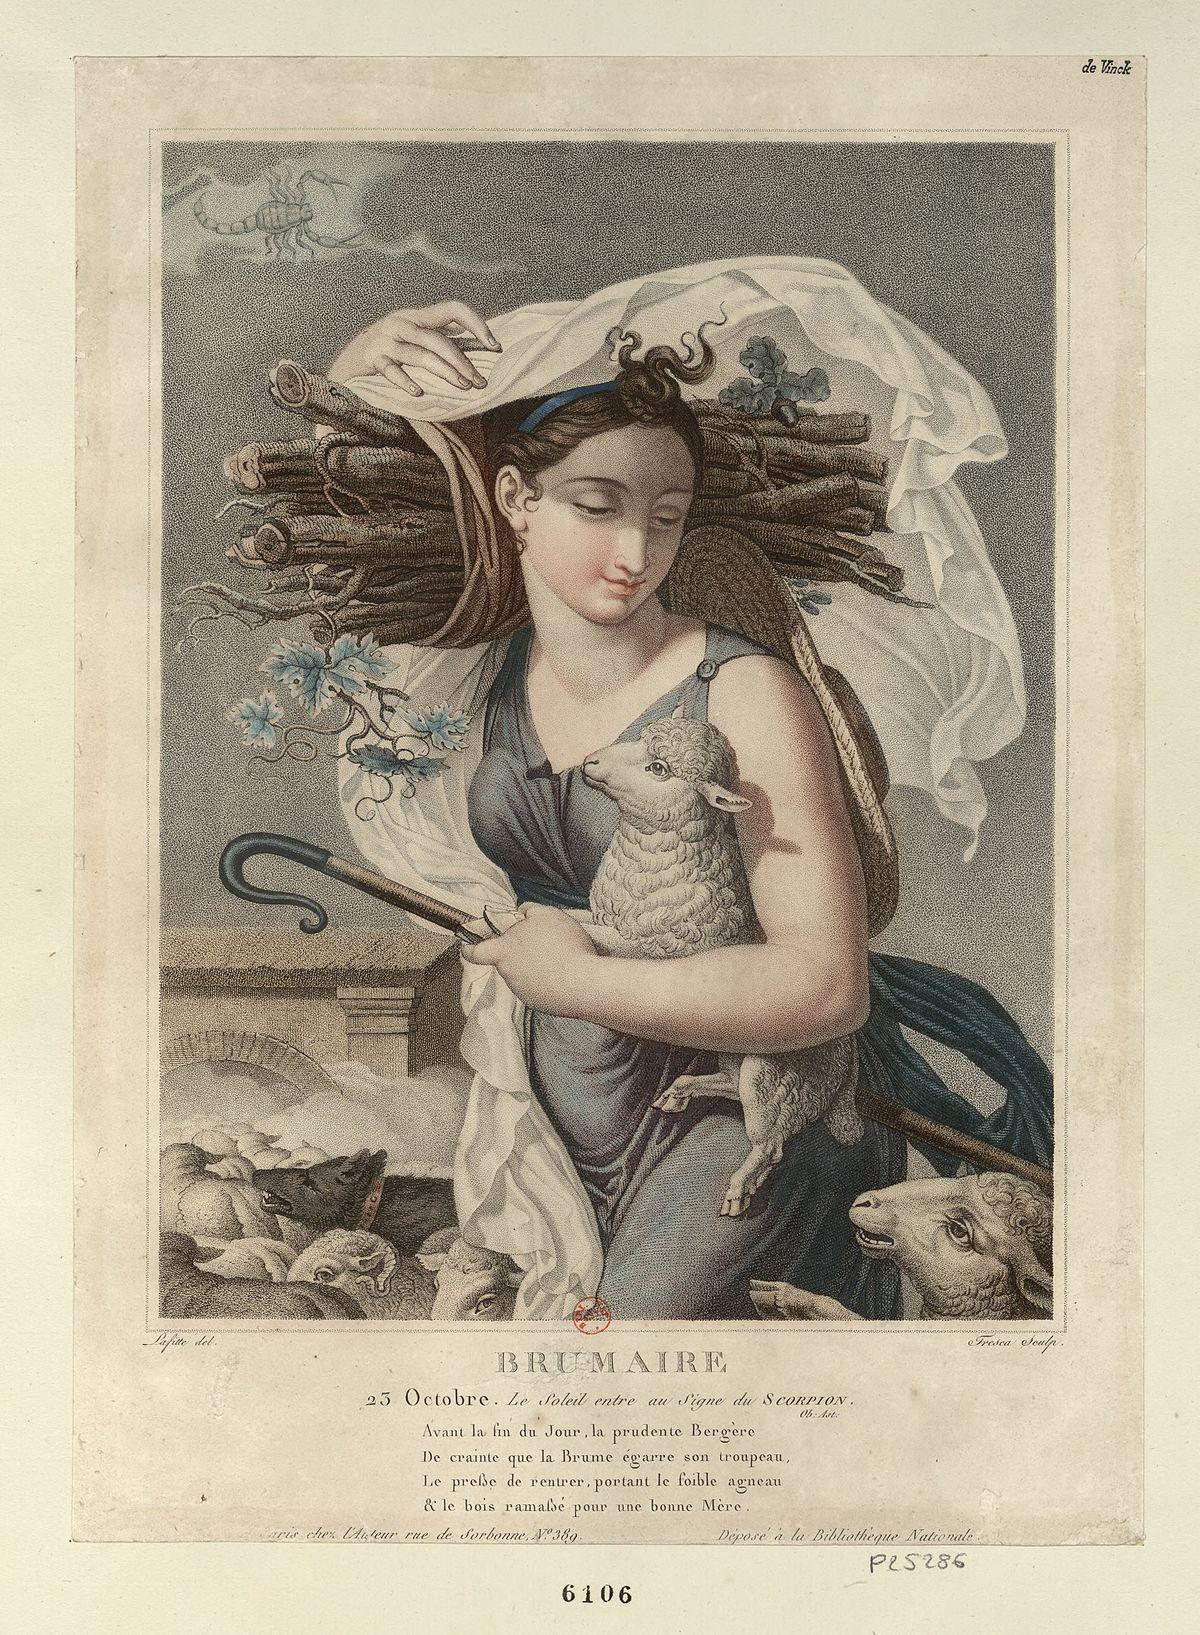 Terzo Mese Del Calendario Rivoluzionario Francese.Brumaio Wikipedia